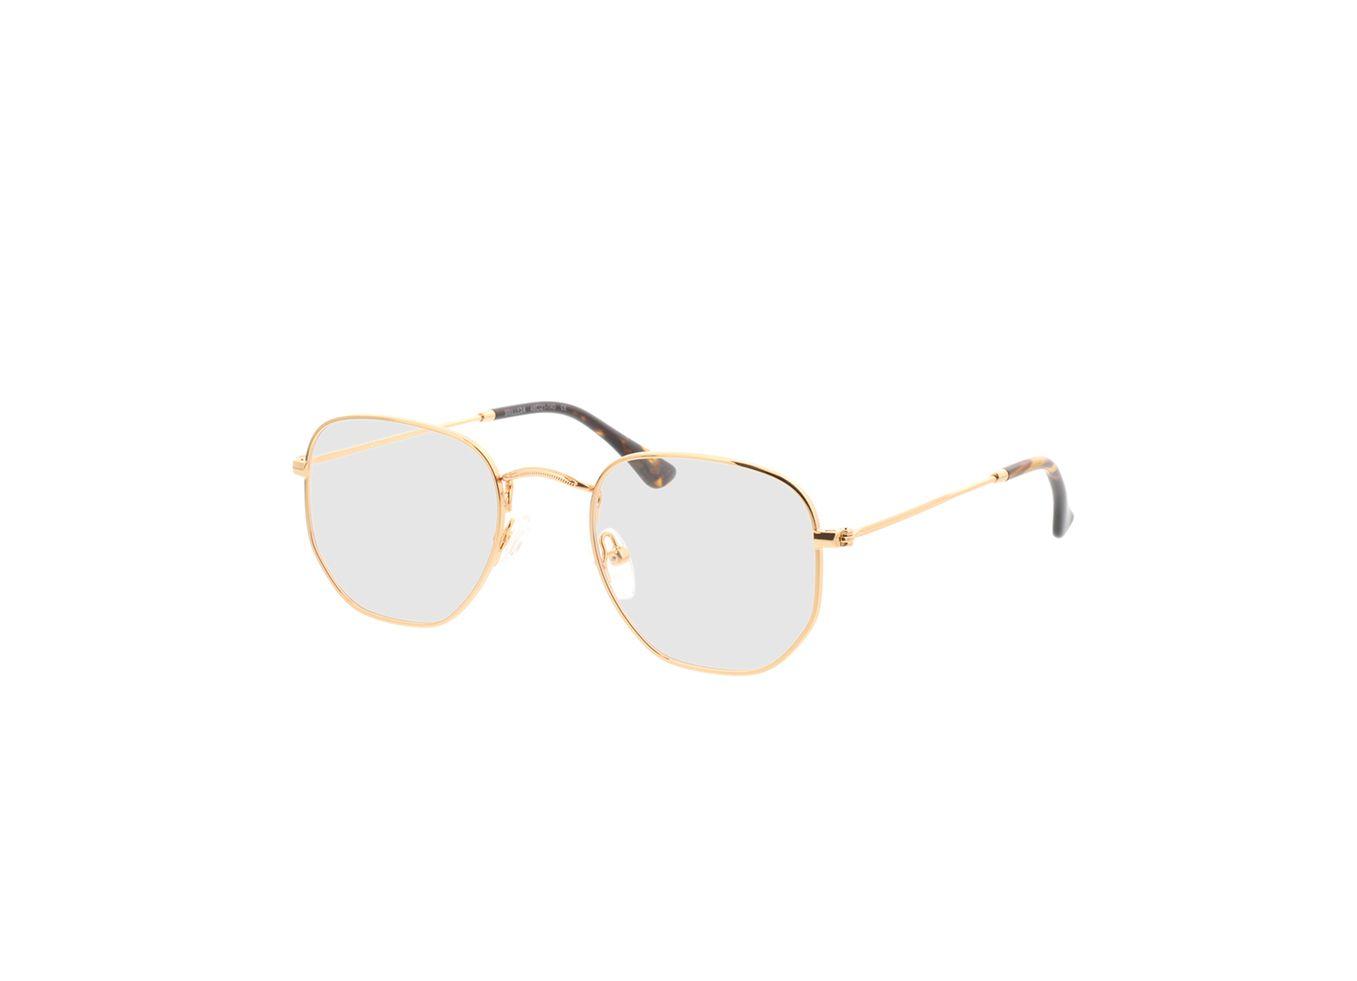 4941-singlevision-0000 Rosario-gold Gleitsichtbrille, Vollrand, Eckig Brille24 Collection